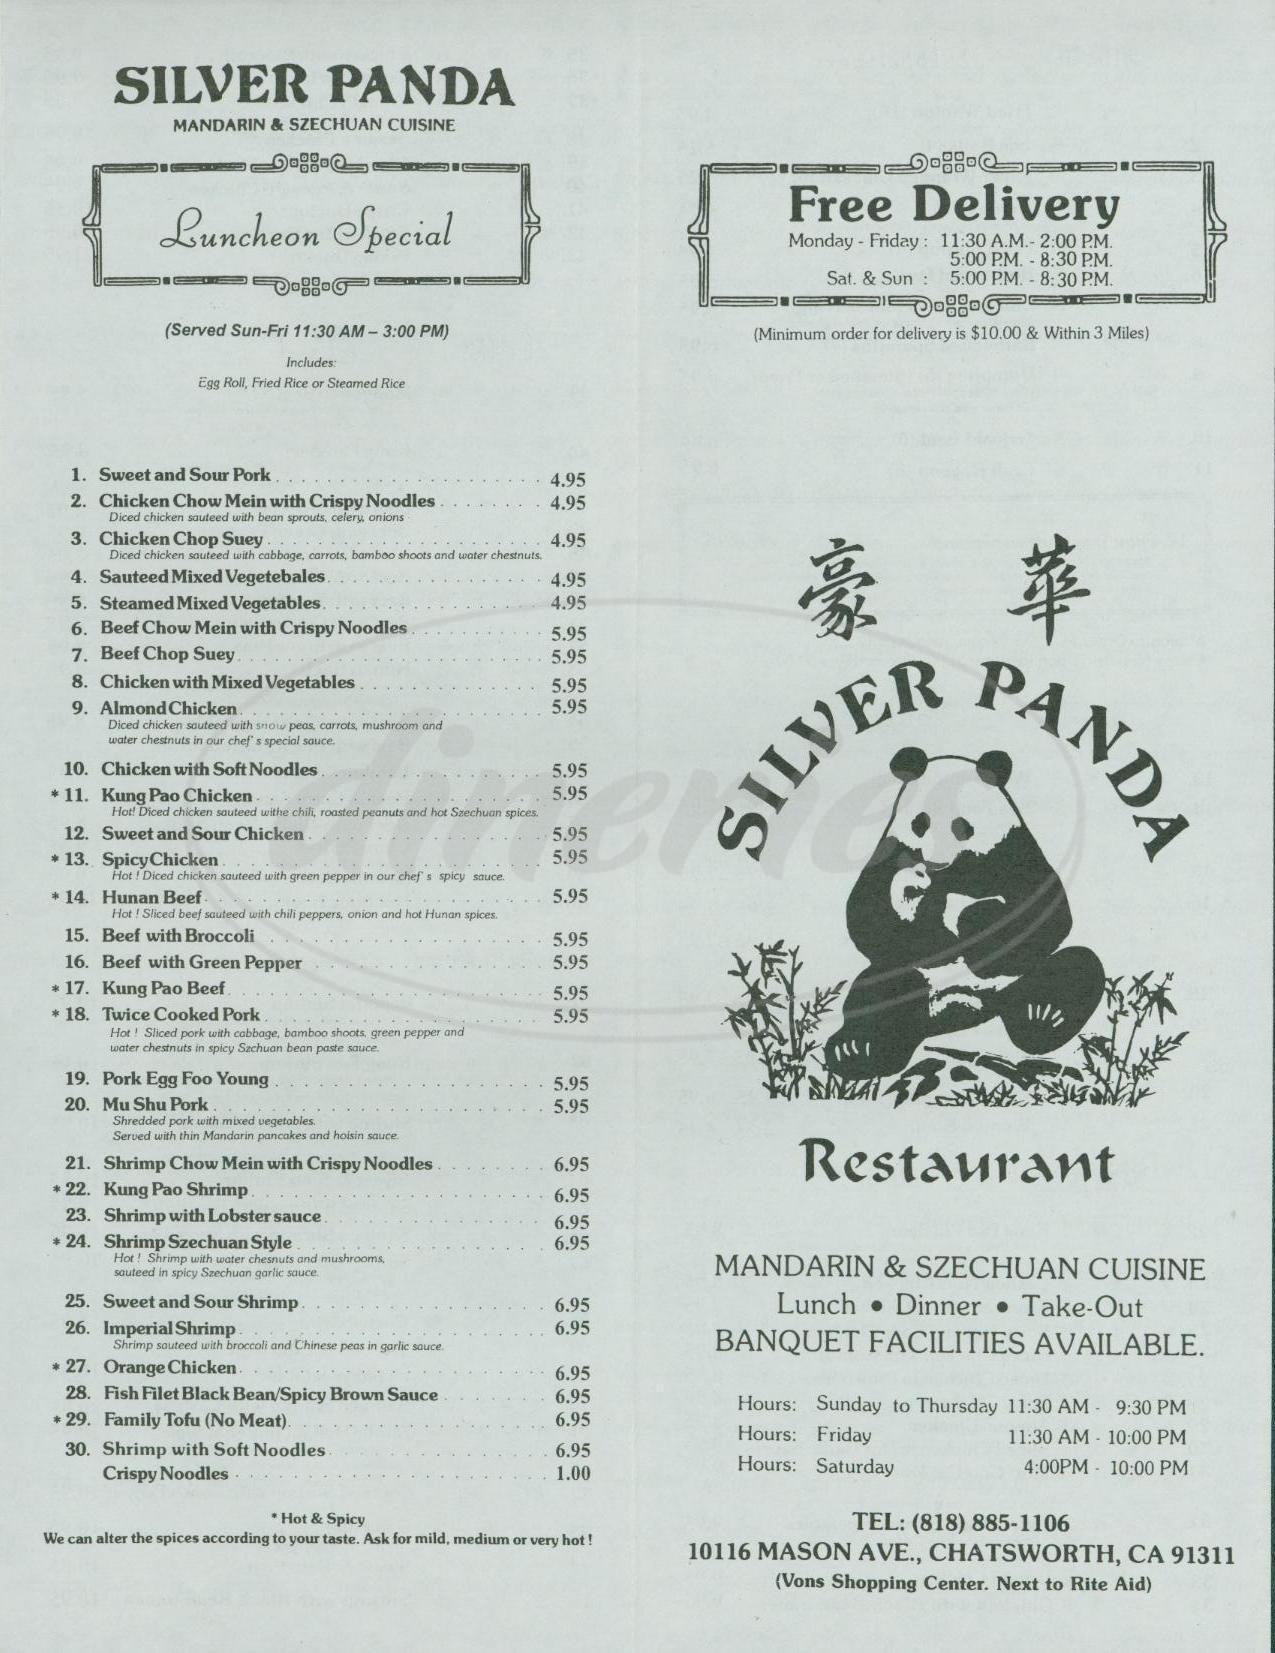 menu for Silver Panda